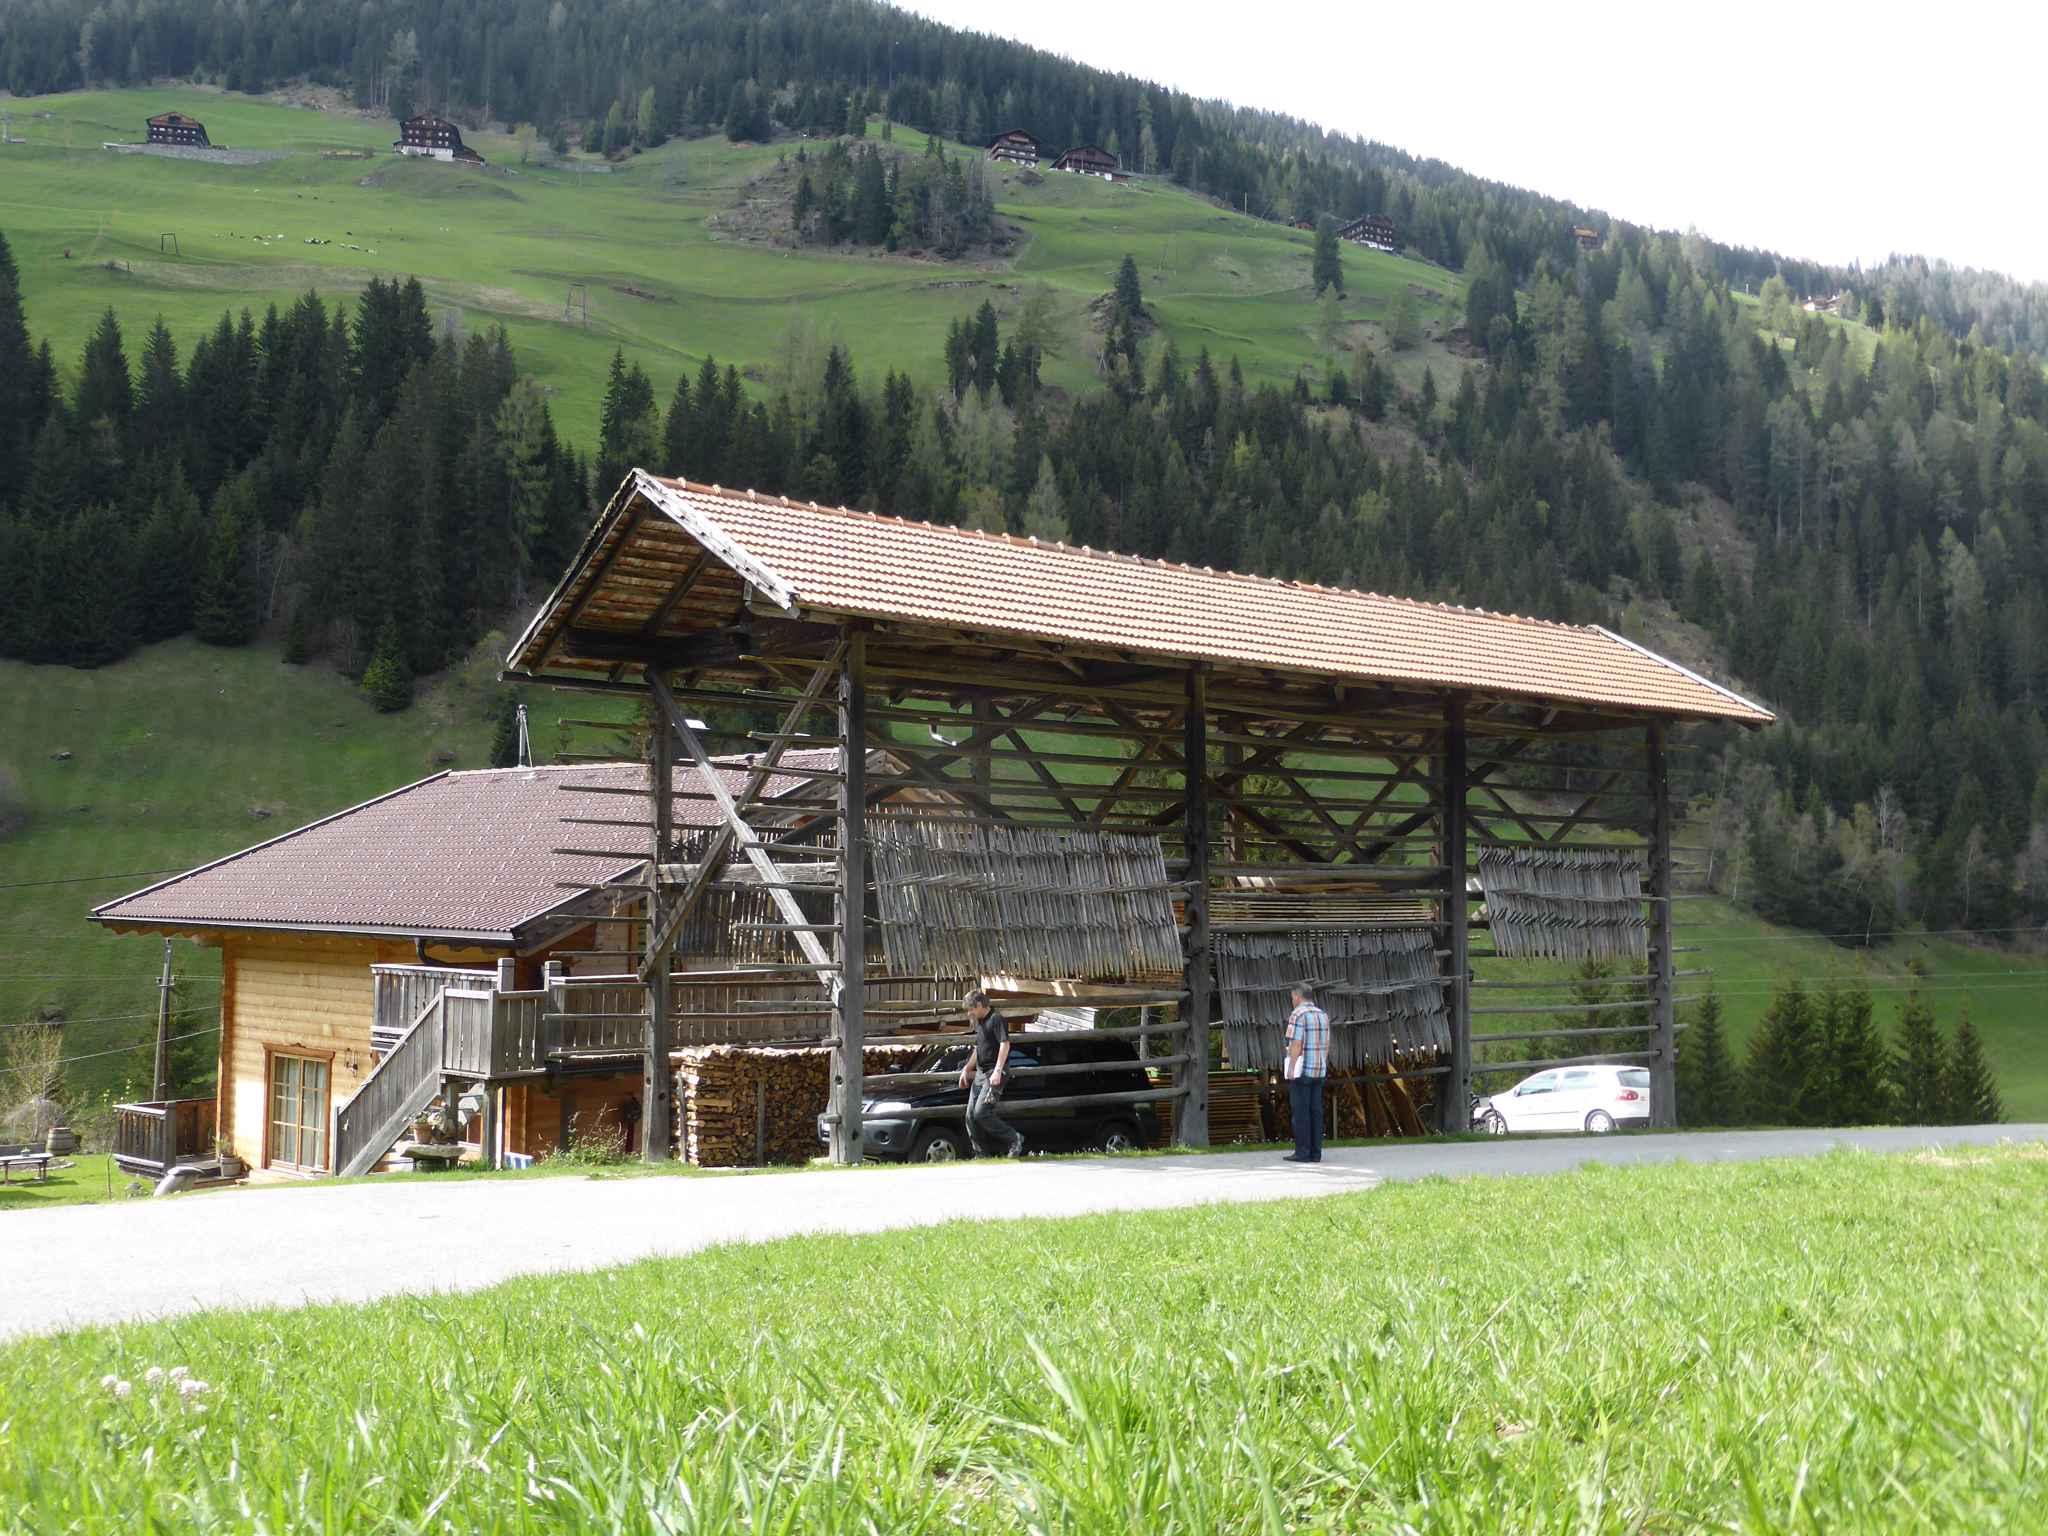 Ferienhaus mit Balkon (957047), Außervillgraten, Osttirol, Tirol, Österreich, Bild 21